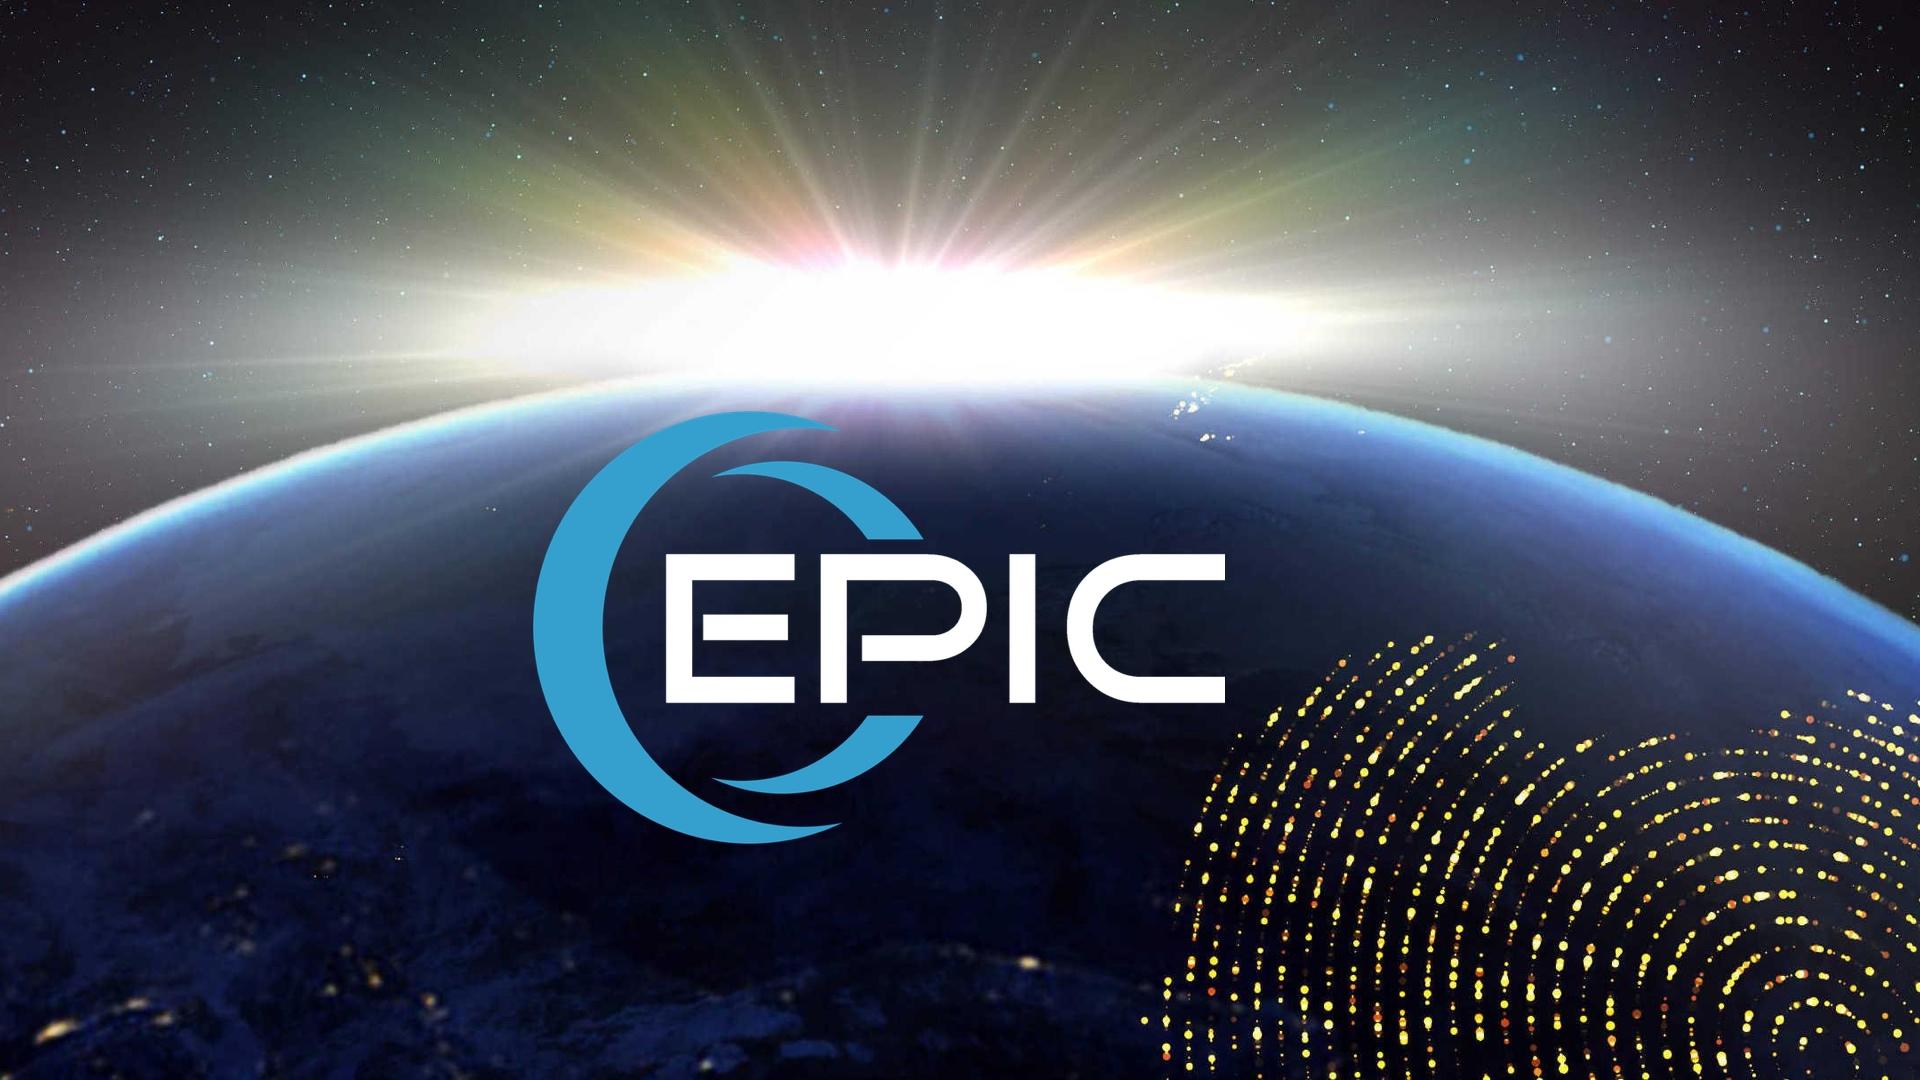 EPIC image